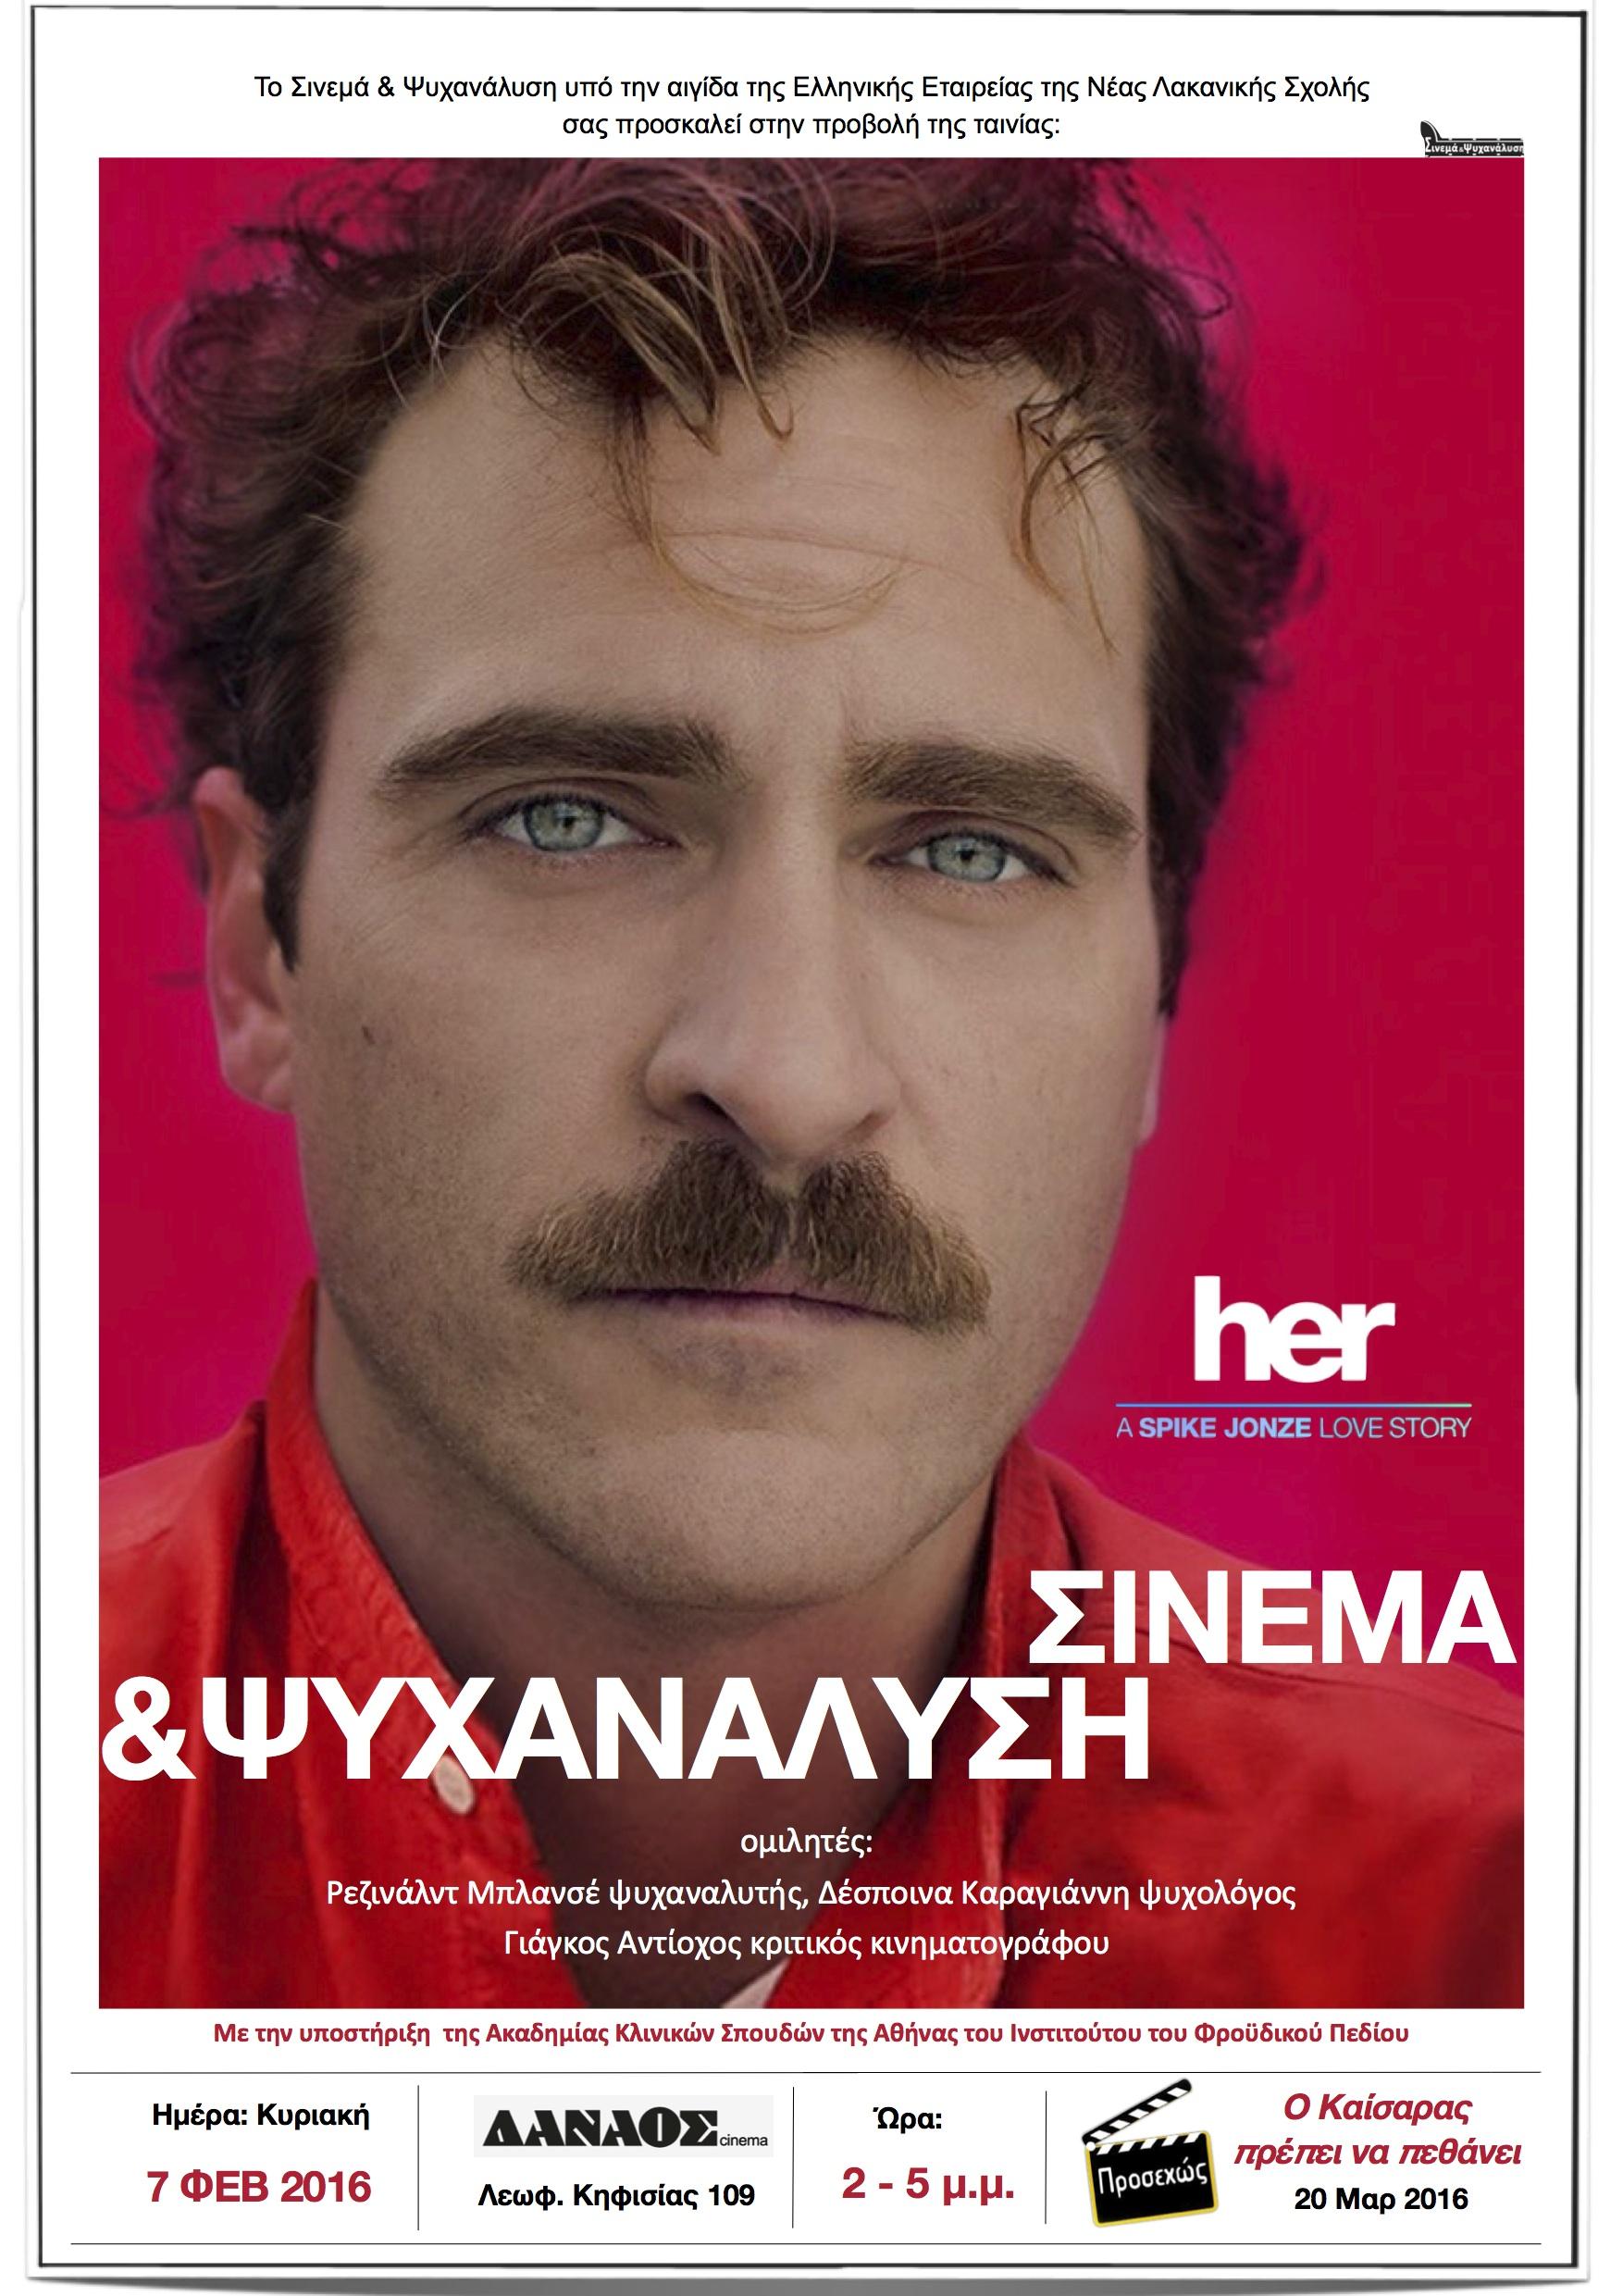 """Σινεμά και ψυχανάλυση:""""HER"""""""